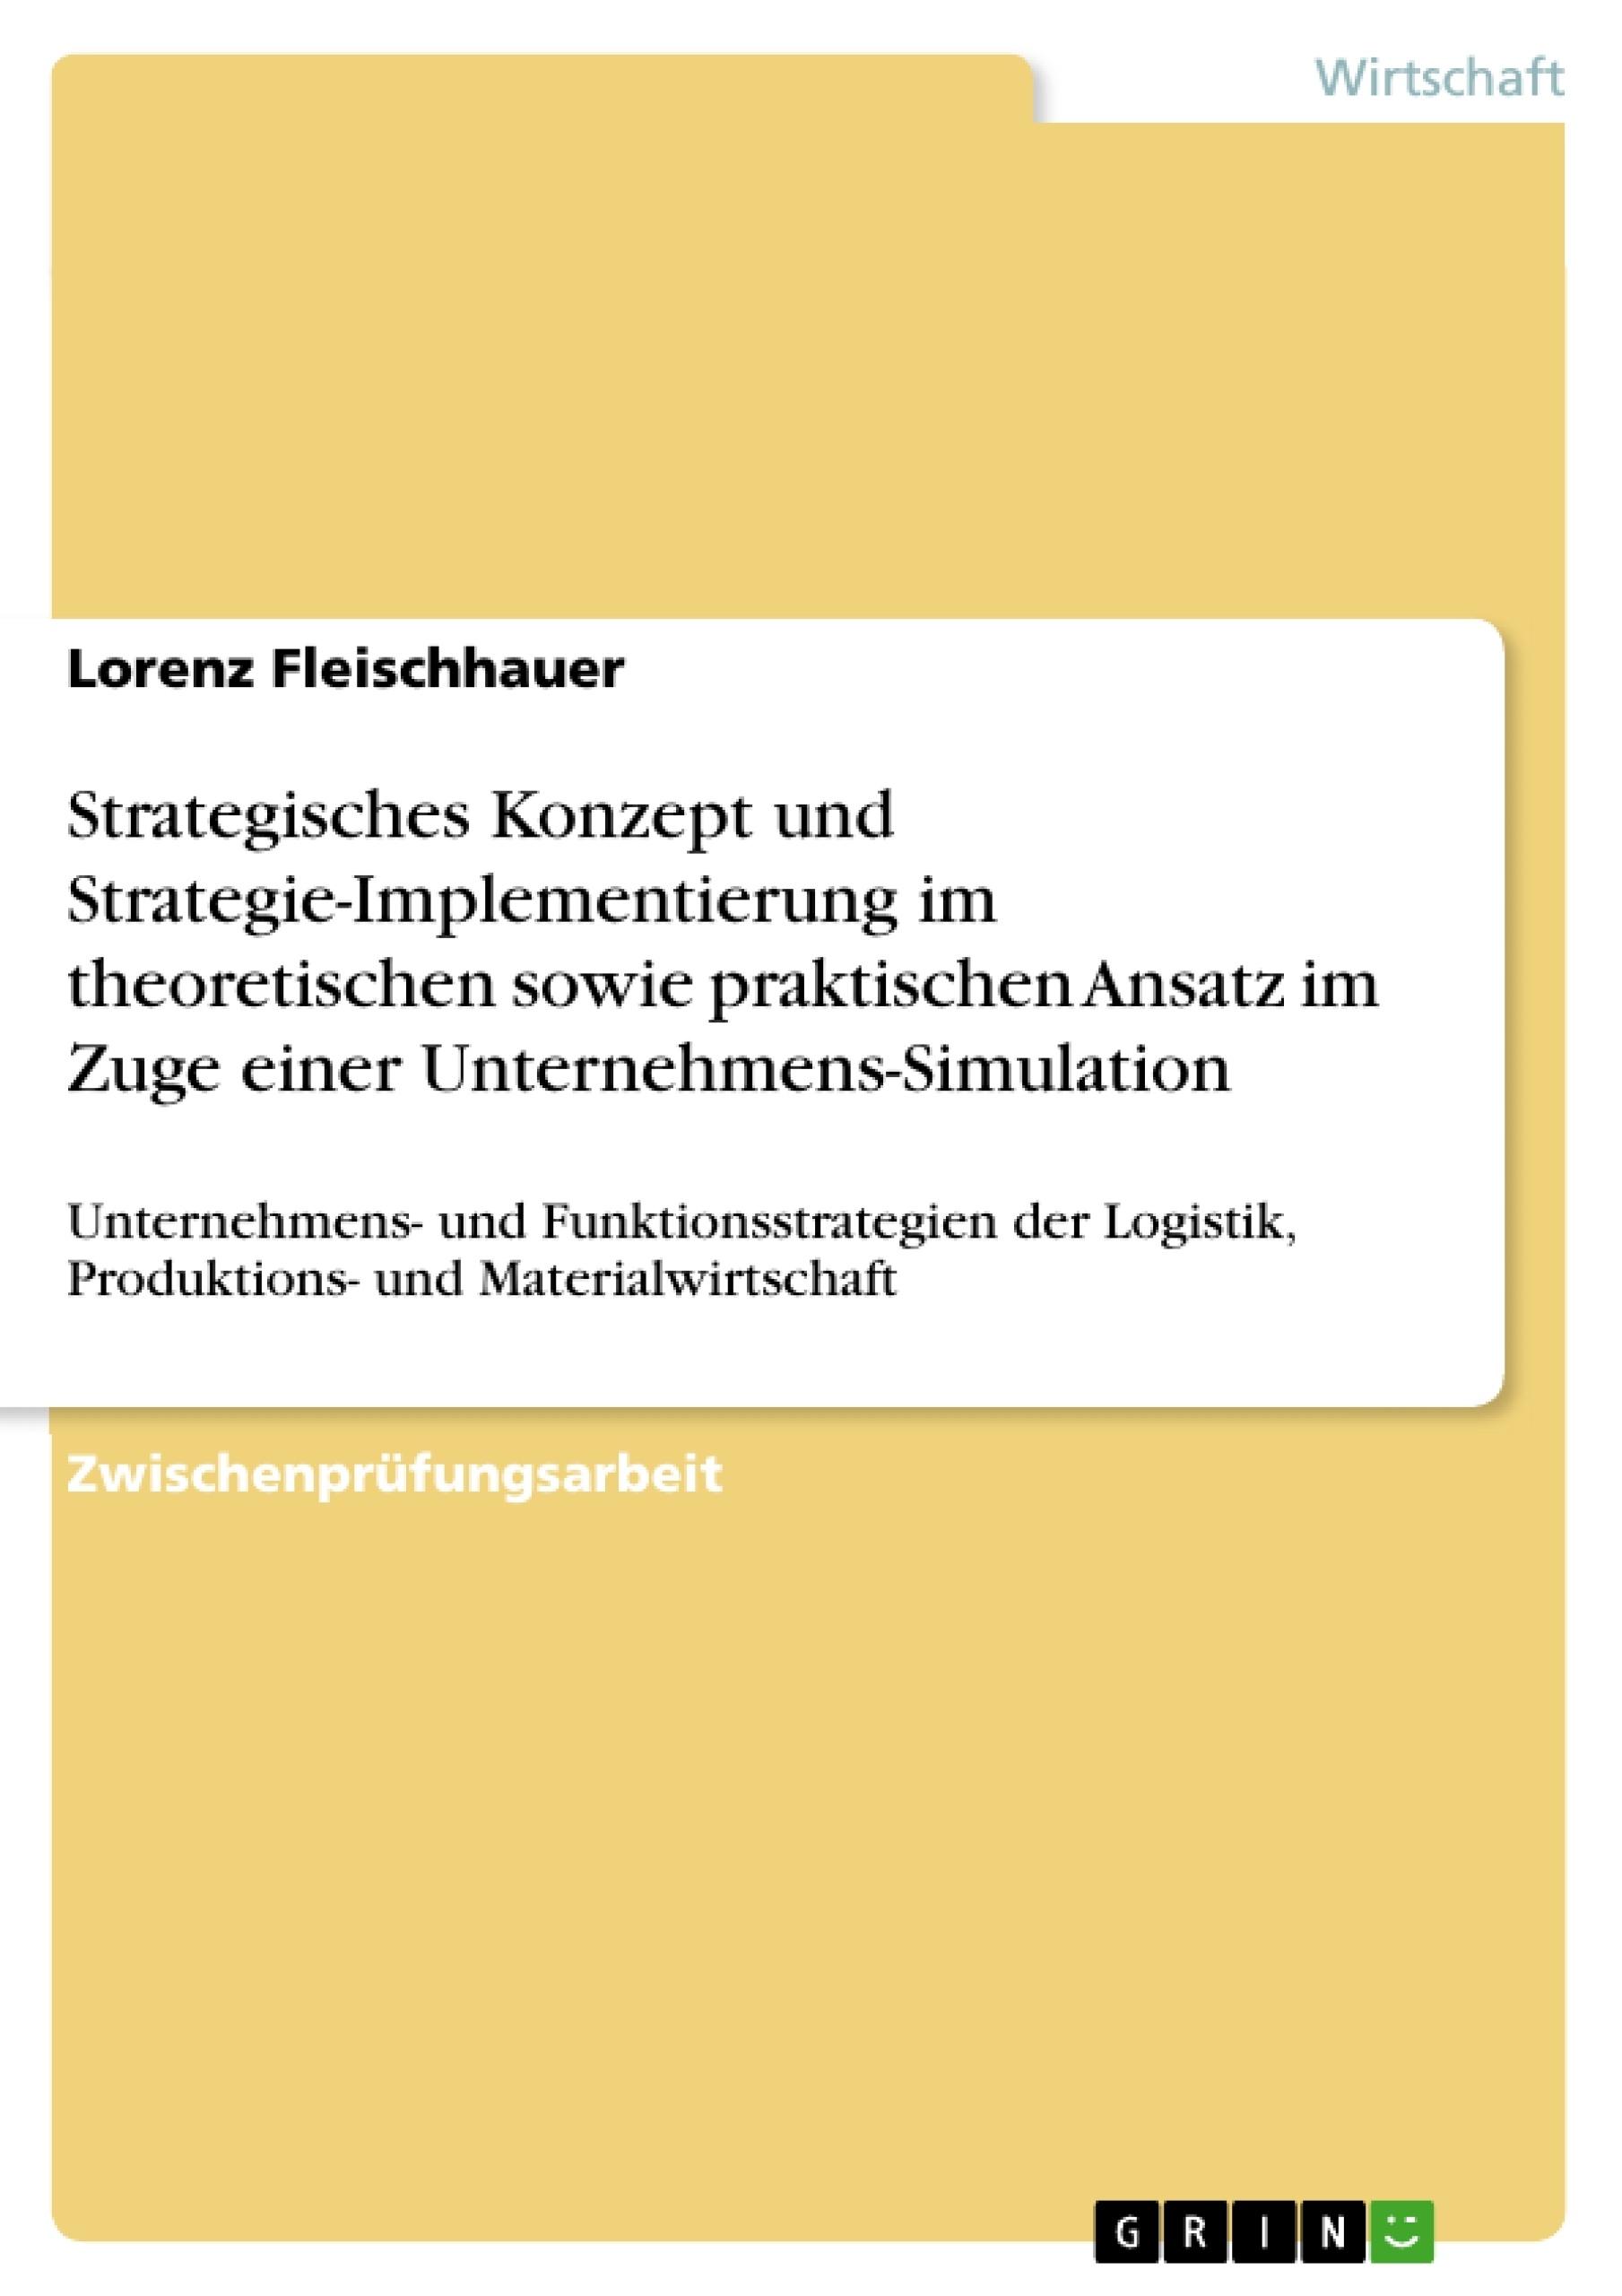 Titel: Strategisches Konzept und Strategie-Implementierung im theoretischen sowie praktischen Ansatz im Zuge einer Unternehmens-Simulation